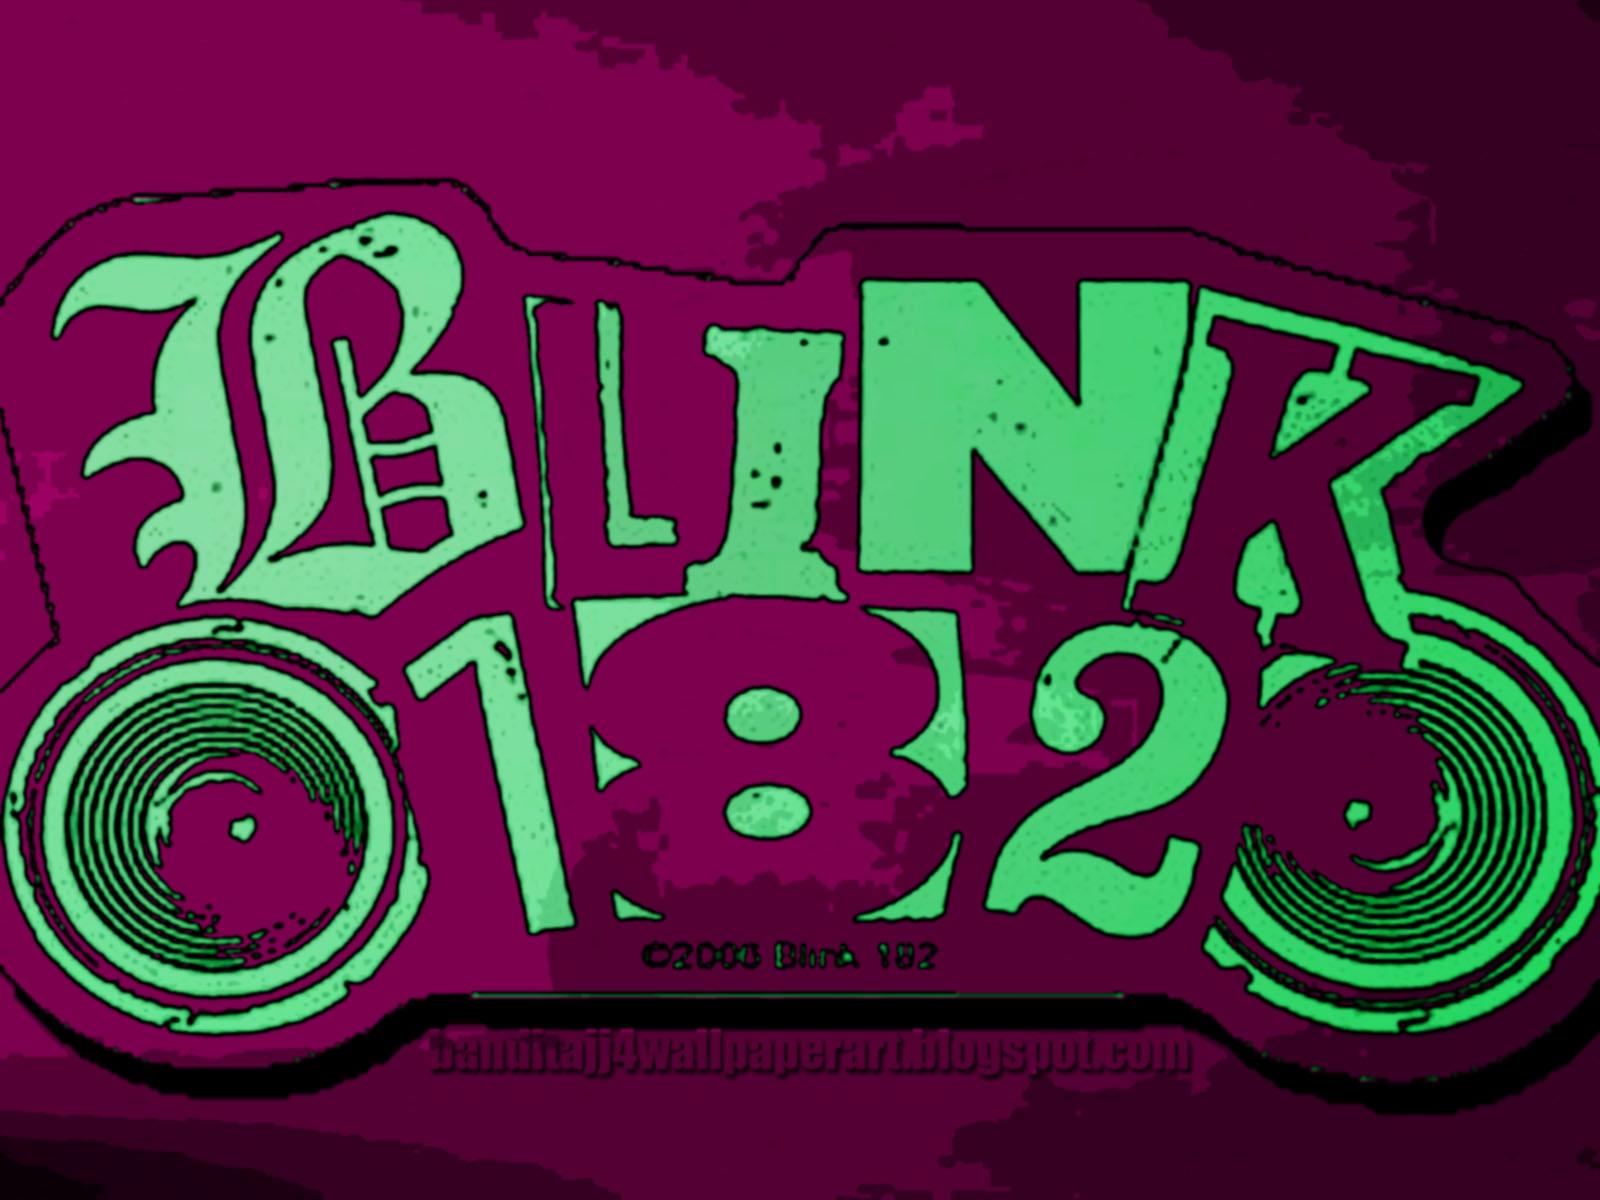 http://2.bp.blogspot.com/-mwAI3agV8UQ/Ttau41qmmsI/AAAAAAAAA7I/v66Ej017TTU/s1600/Blink182-_2__-1600x1200-By-Banditajj4-wallpaper-art.jpg